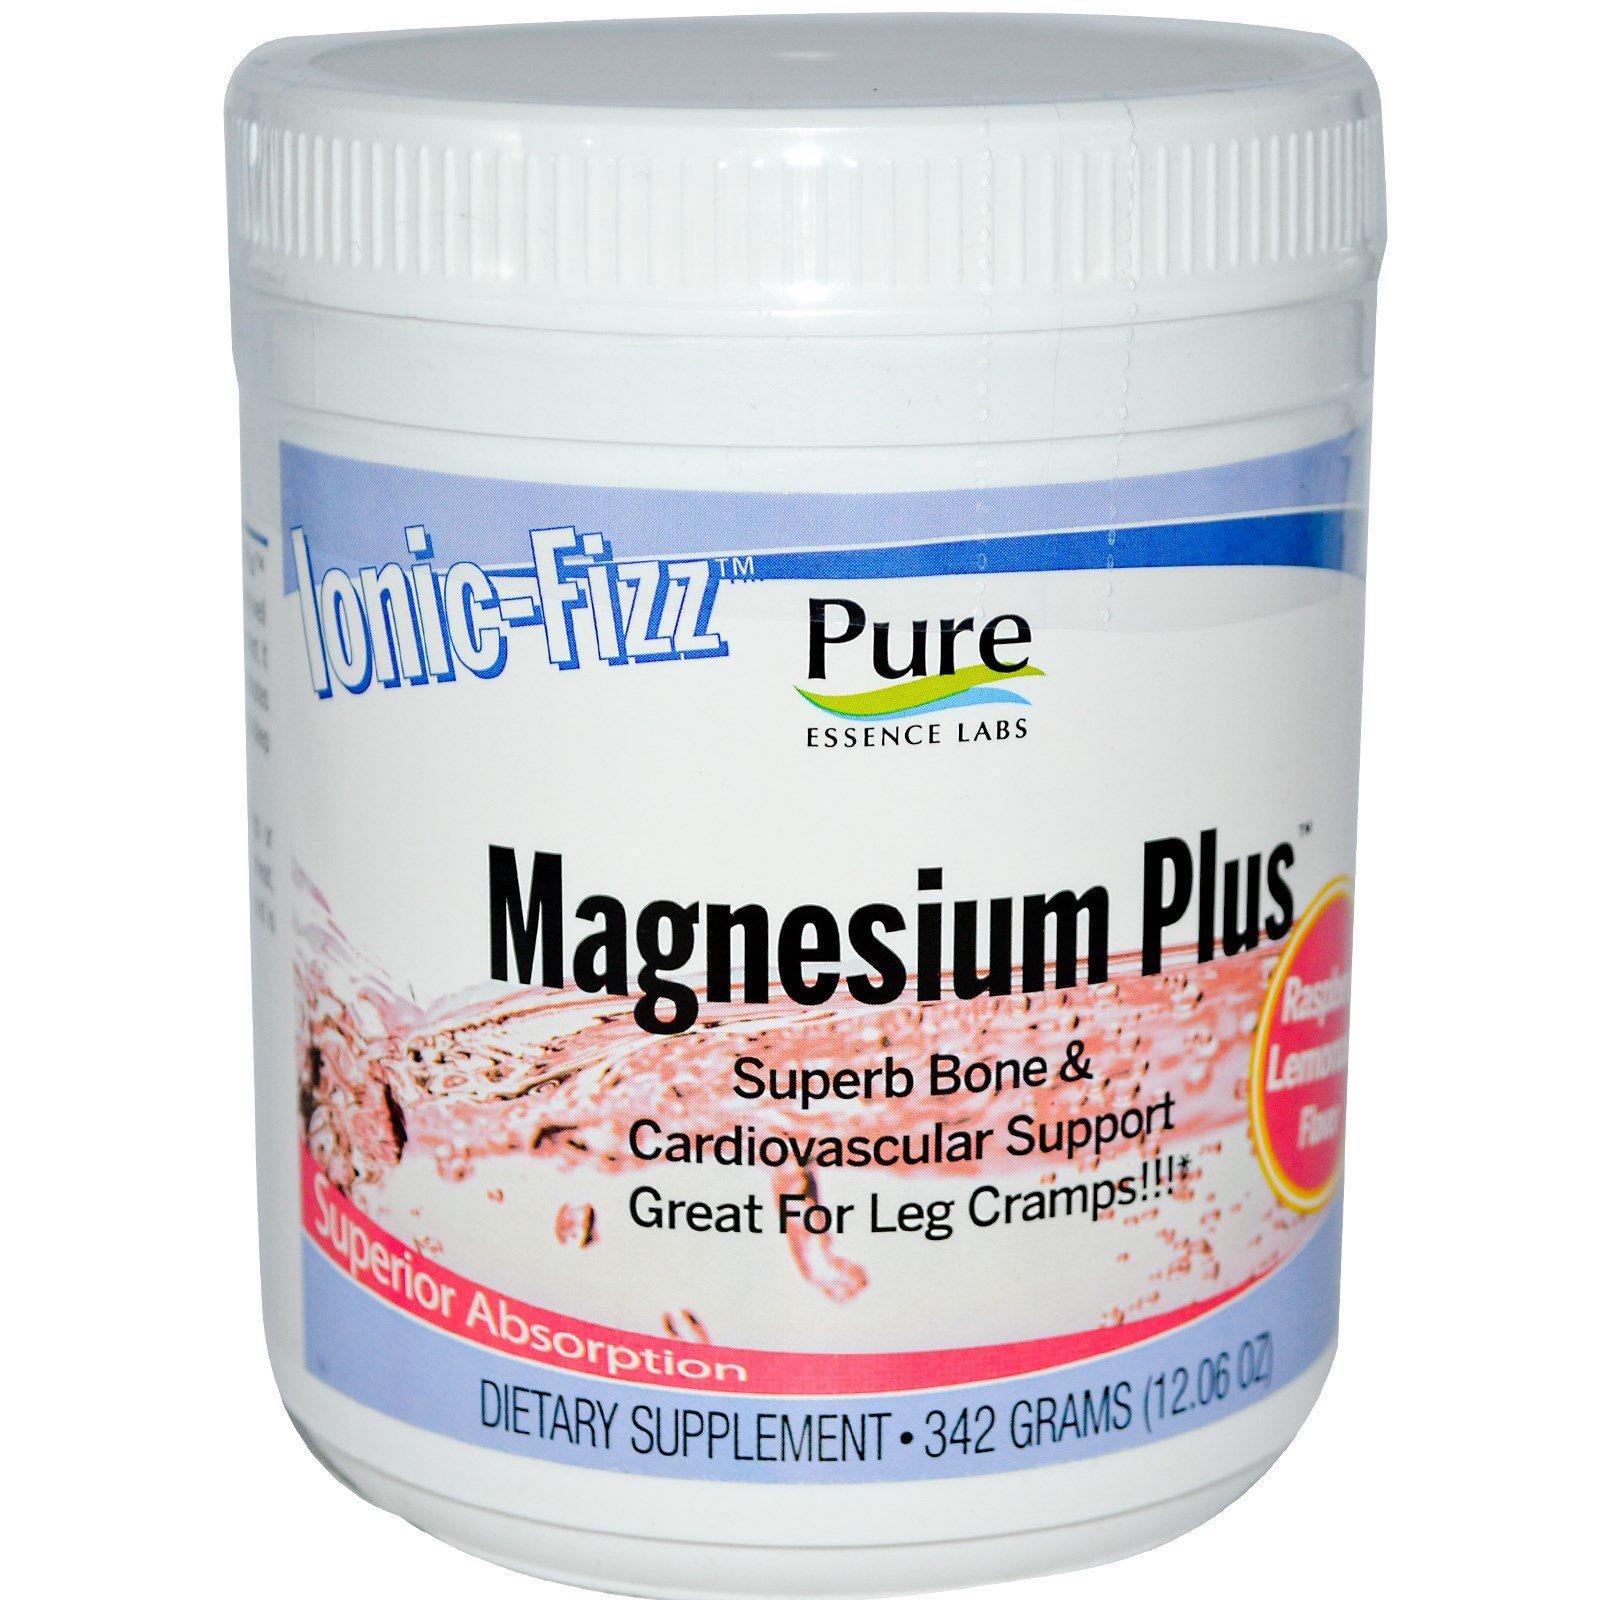 Pure Essence, Ionic-Fizz, магний плюс, с малиново-лимонадным вкусом, 12,06 унций (342 г)